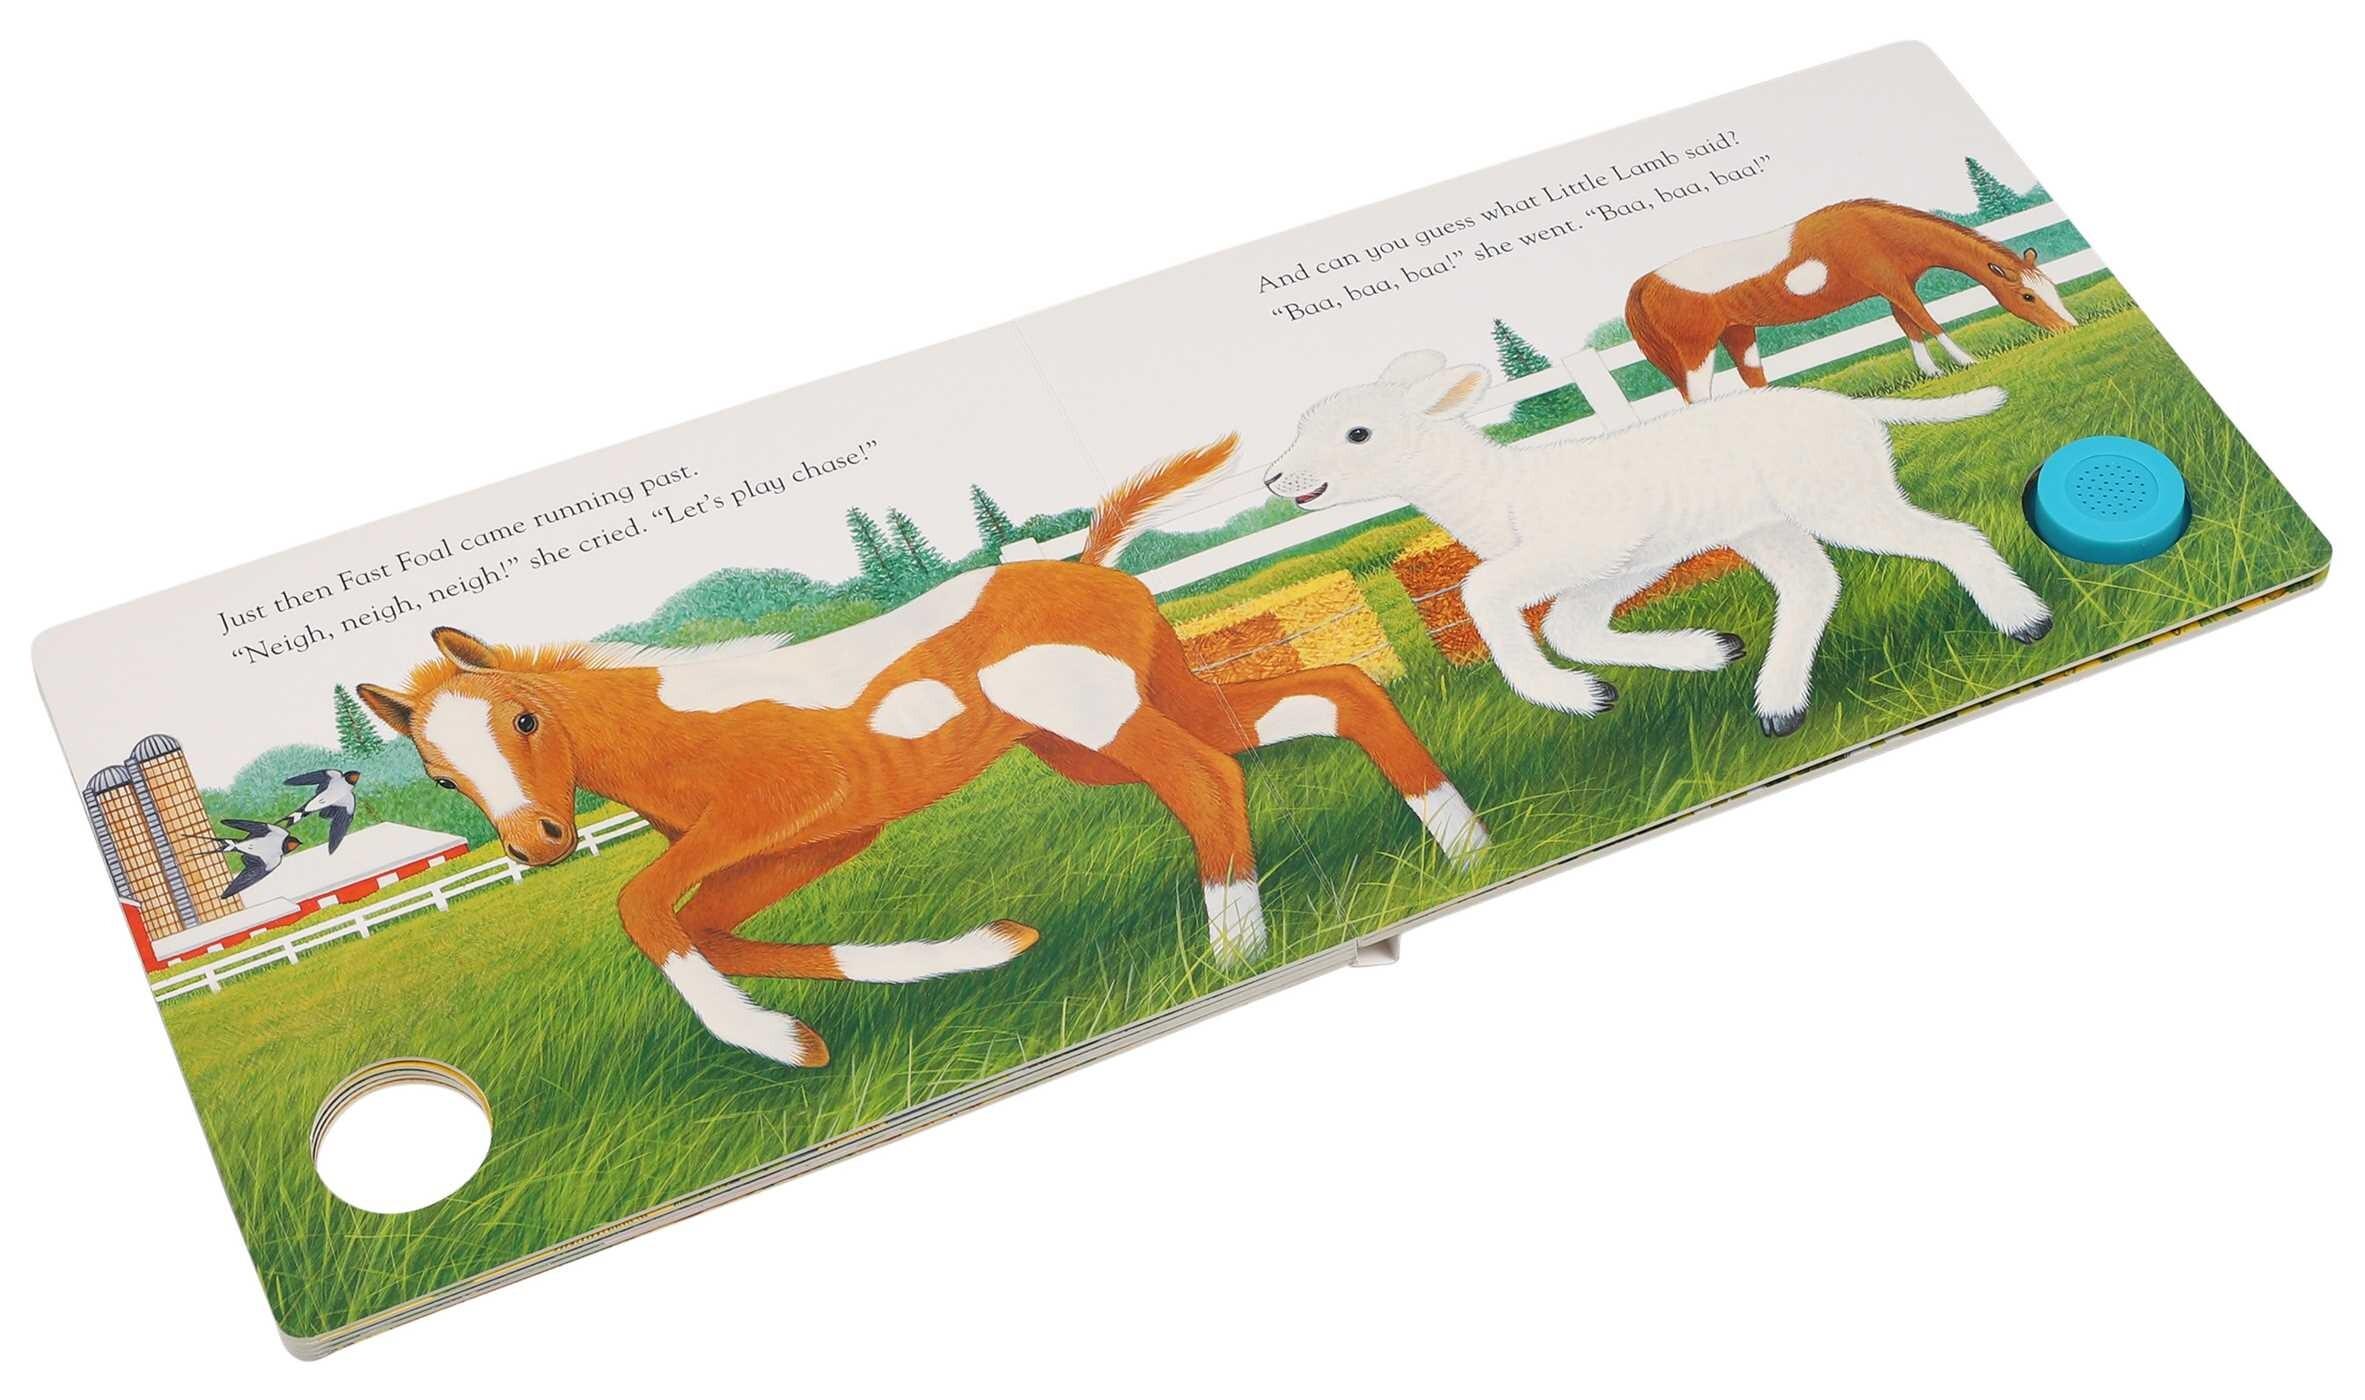 Little lambs new friends 9781626869400.in01